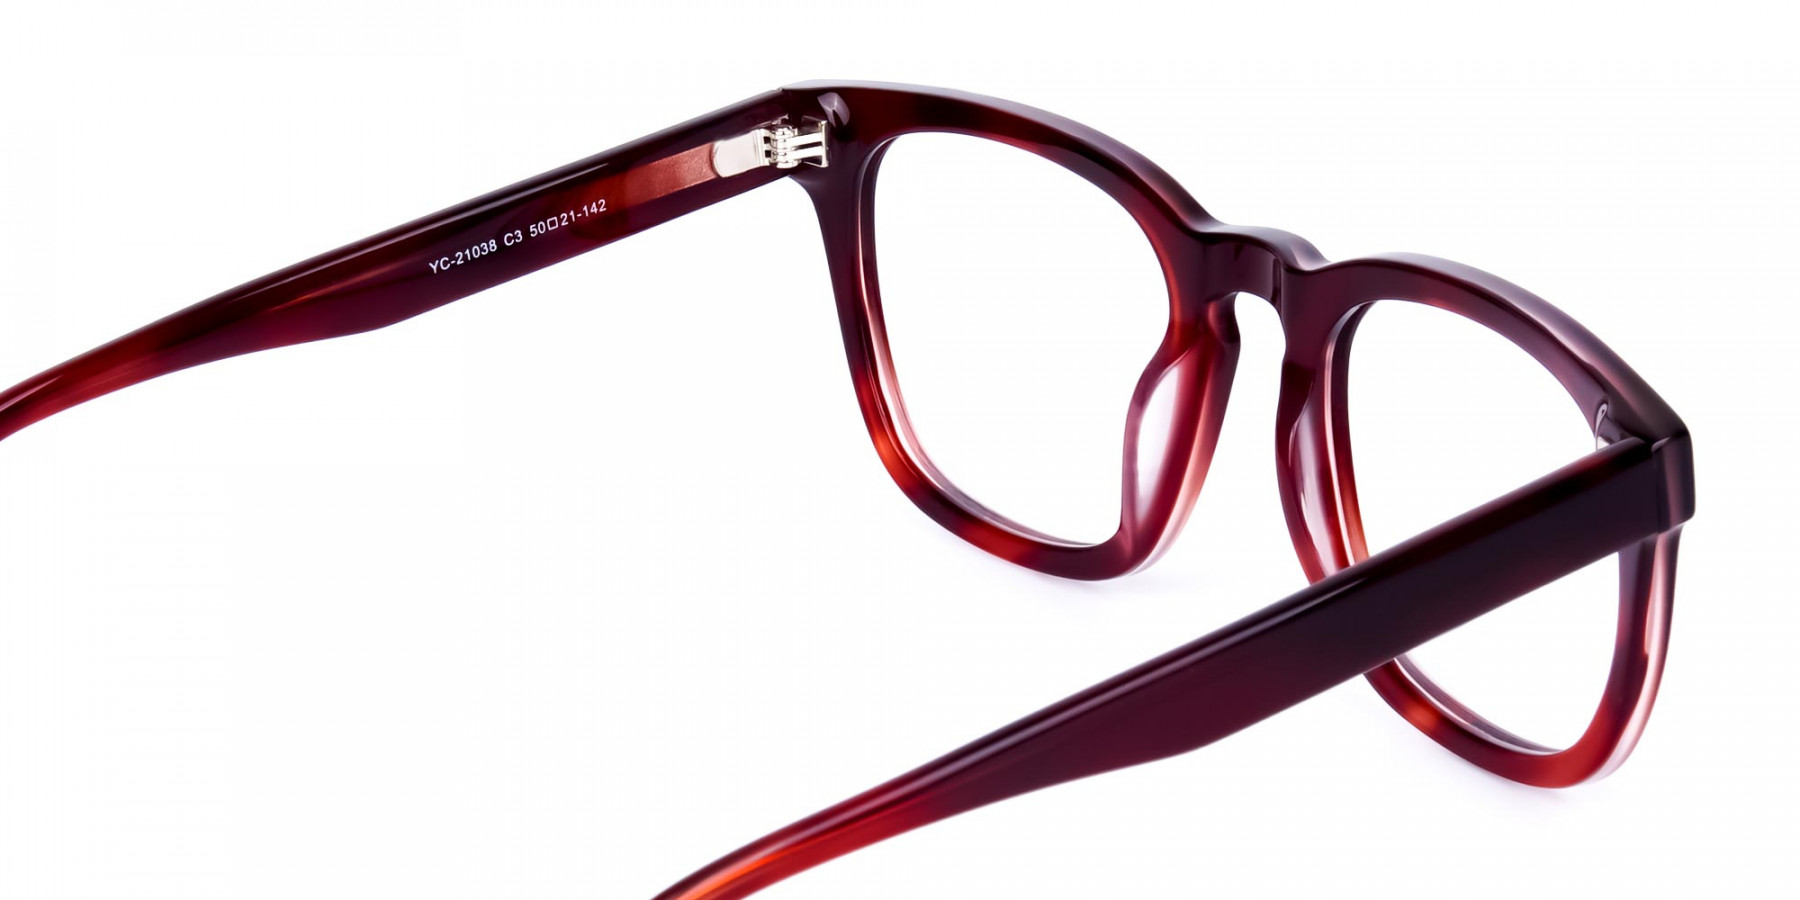 Wayfarer-Tortoise-Shell-Glasses-1